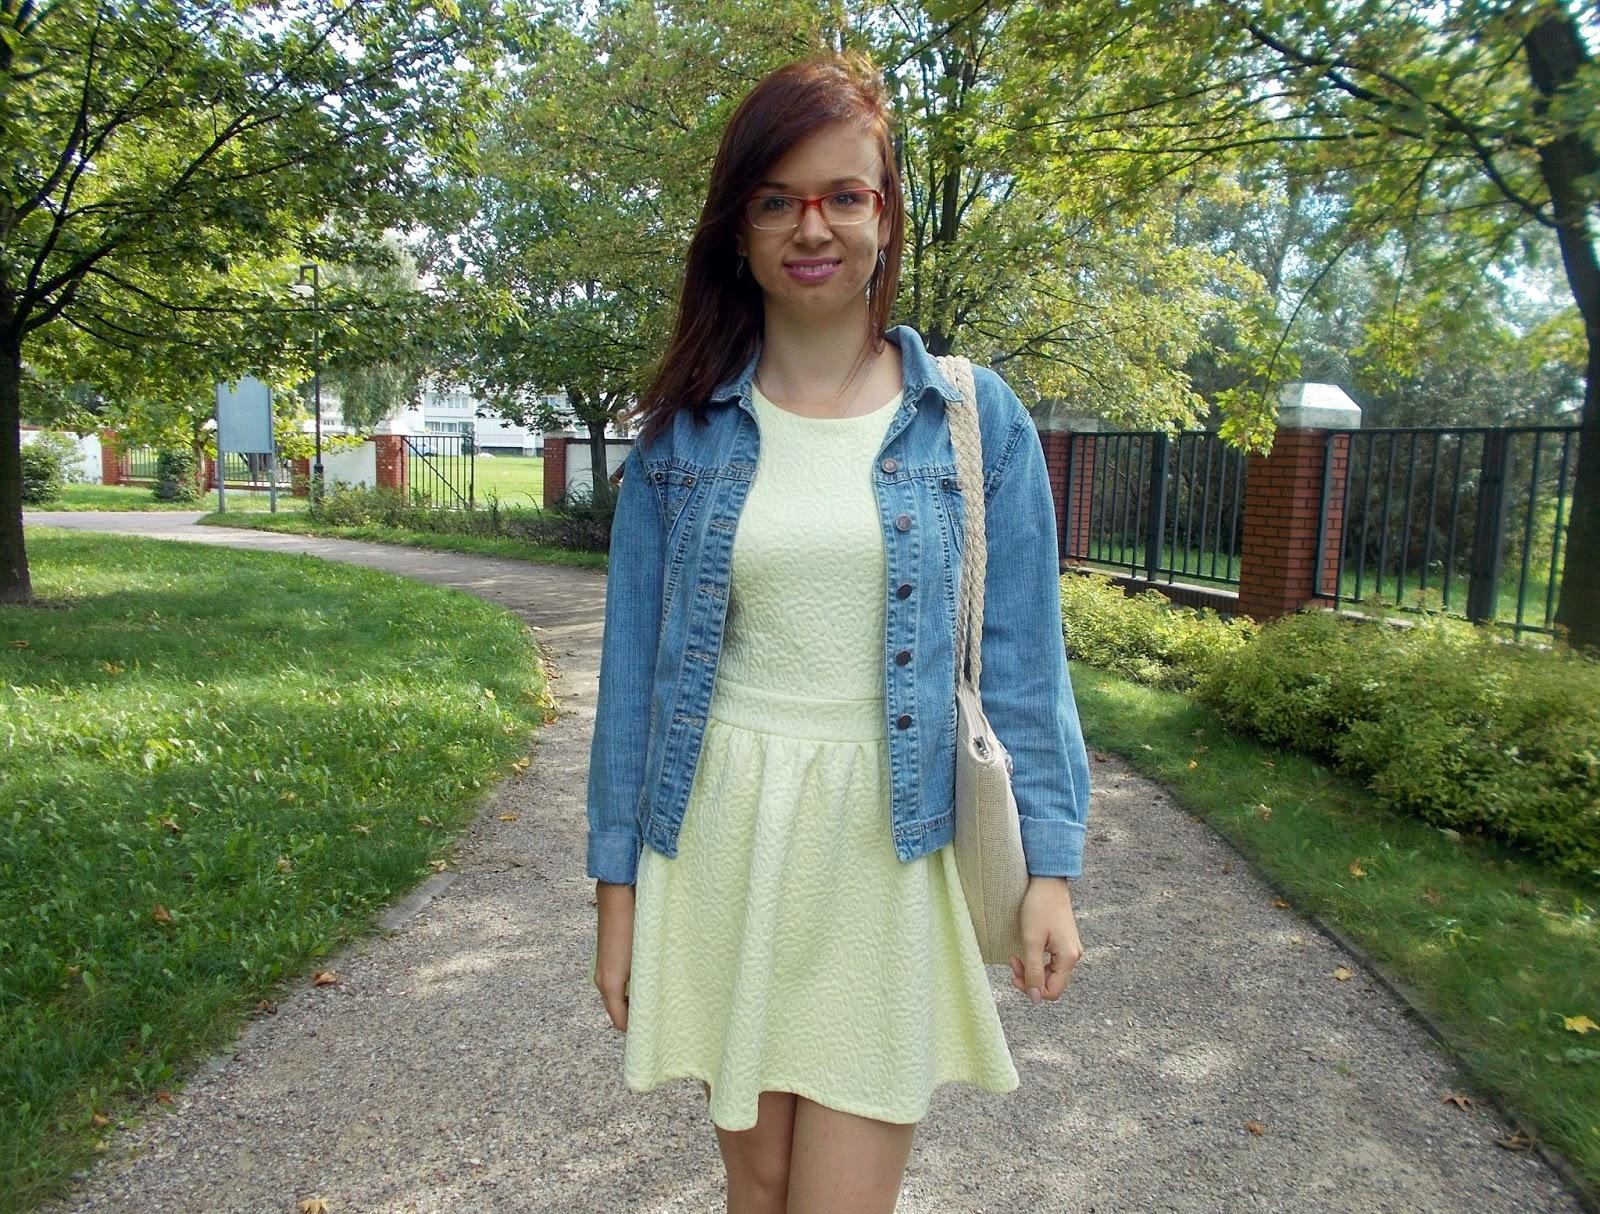 Cytrynkowa sukienka i dżinsówka